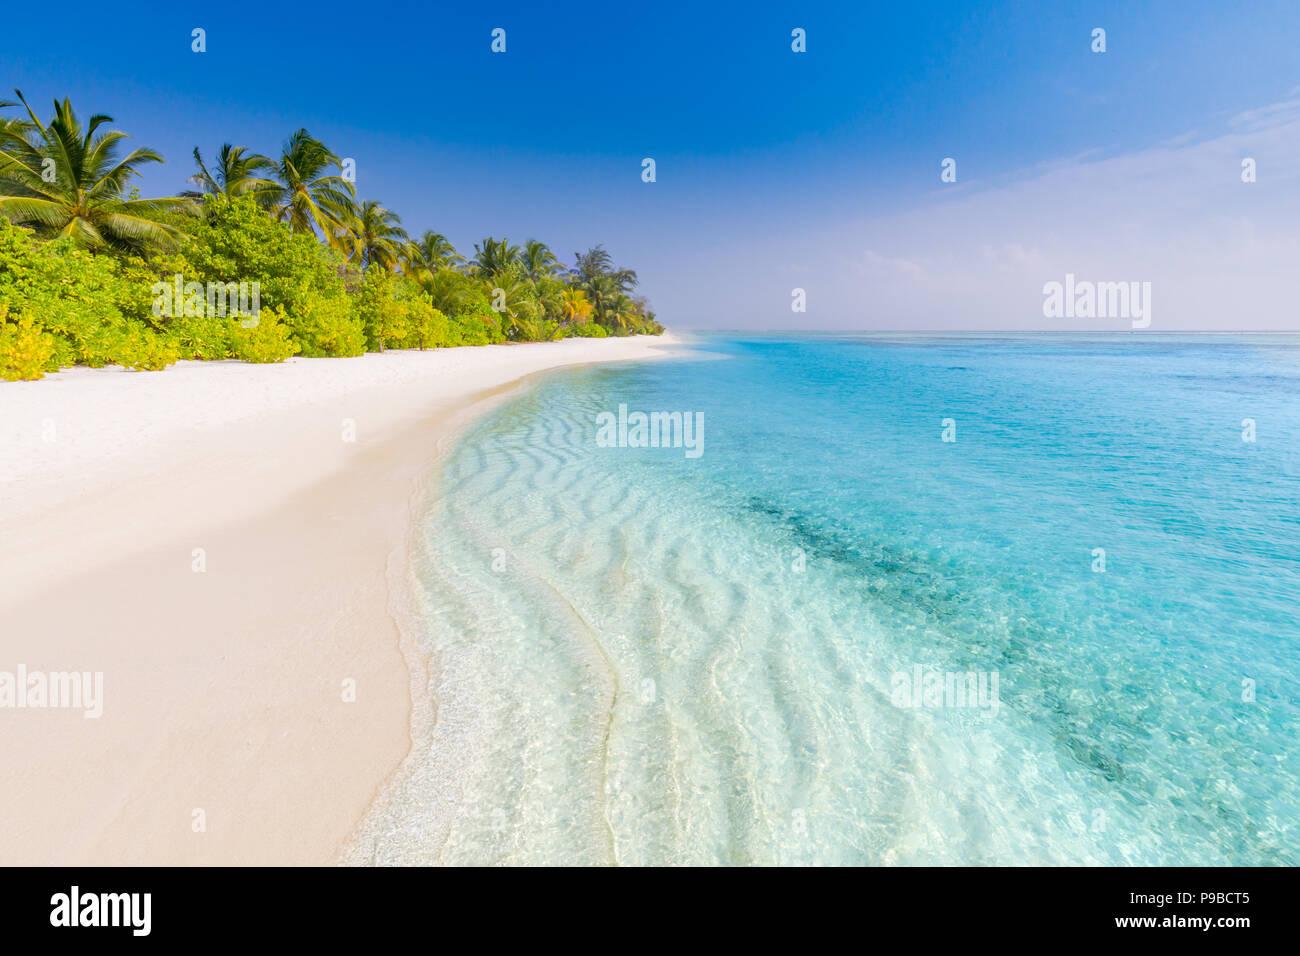 Bellissima spiaggia con palme e moody sky. Estate vacanze Viaggi Vacanze il concetto di sfondo. Maldive Paradise Beach. Estate di lusso travel Immagini Stock